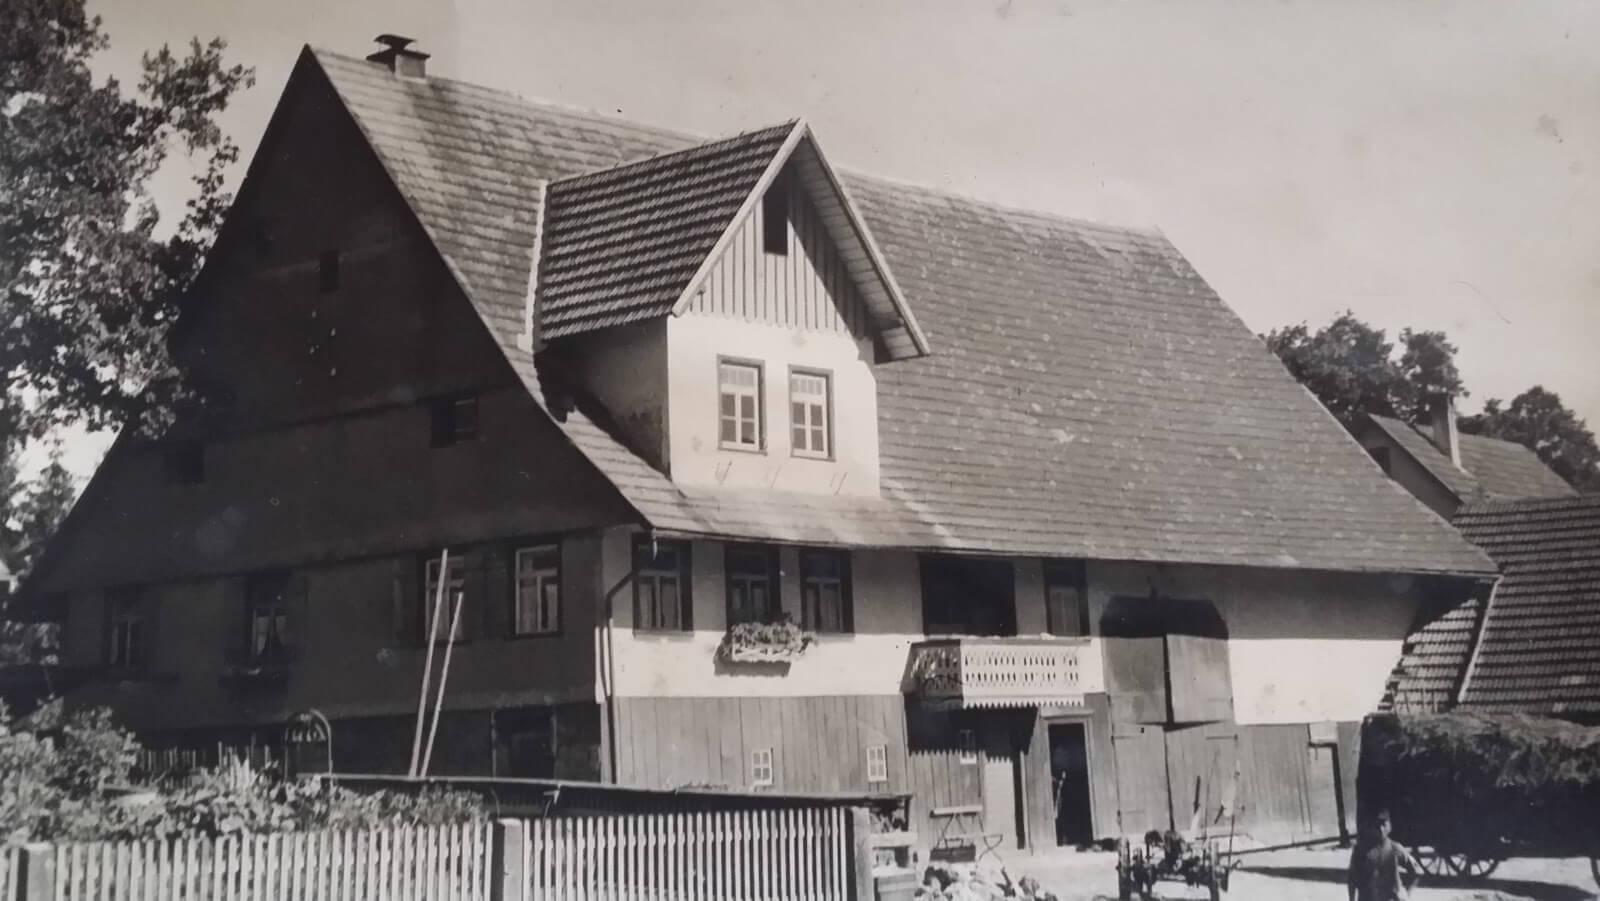 Bild vom Haus SNeubaura von früher